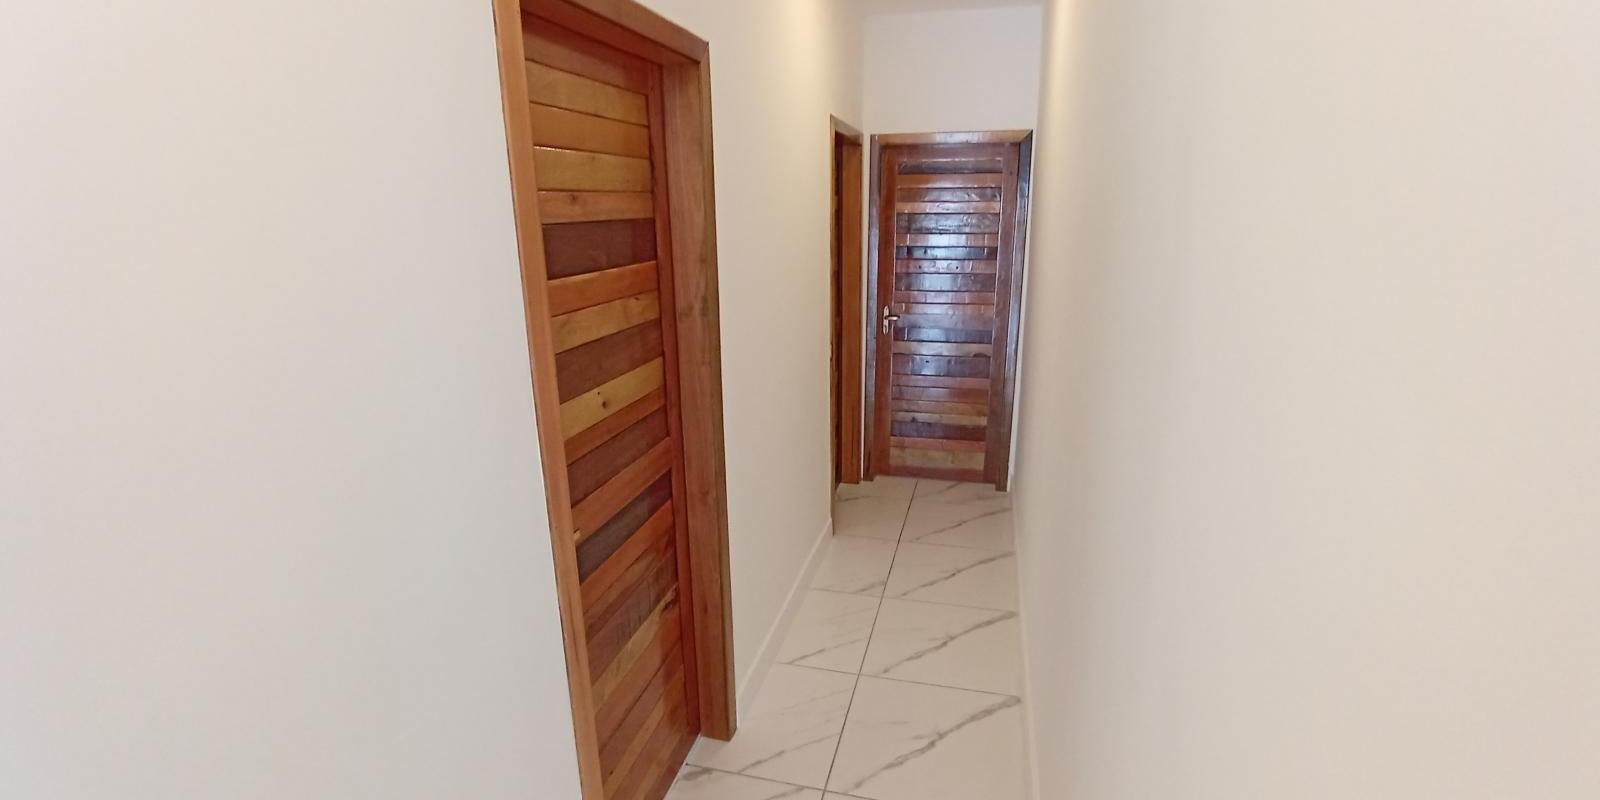 Linda Casa Geminada com 3 Quartos - Foto 5 de 14